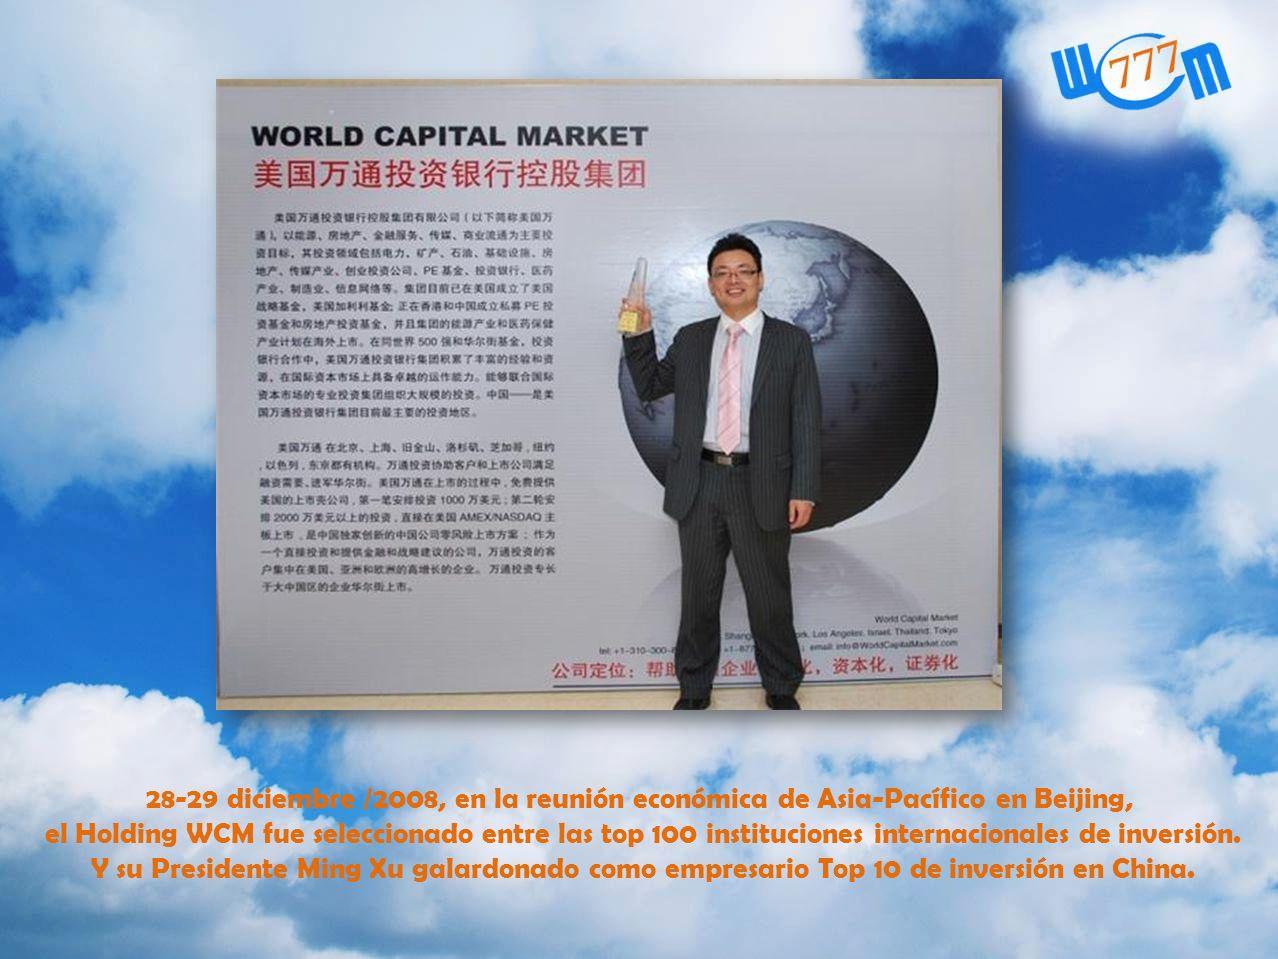 28-29 diciembre /2008, en la reunión económica de Asia-Pacífico en Beijing,